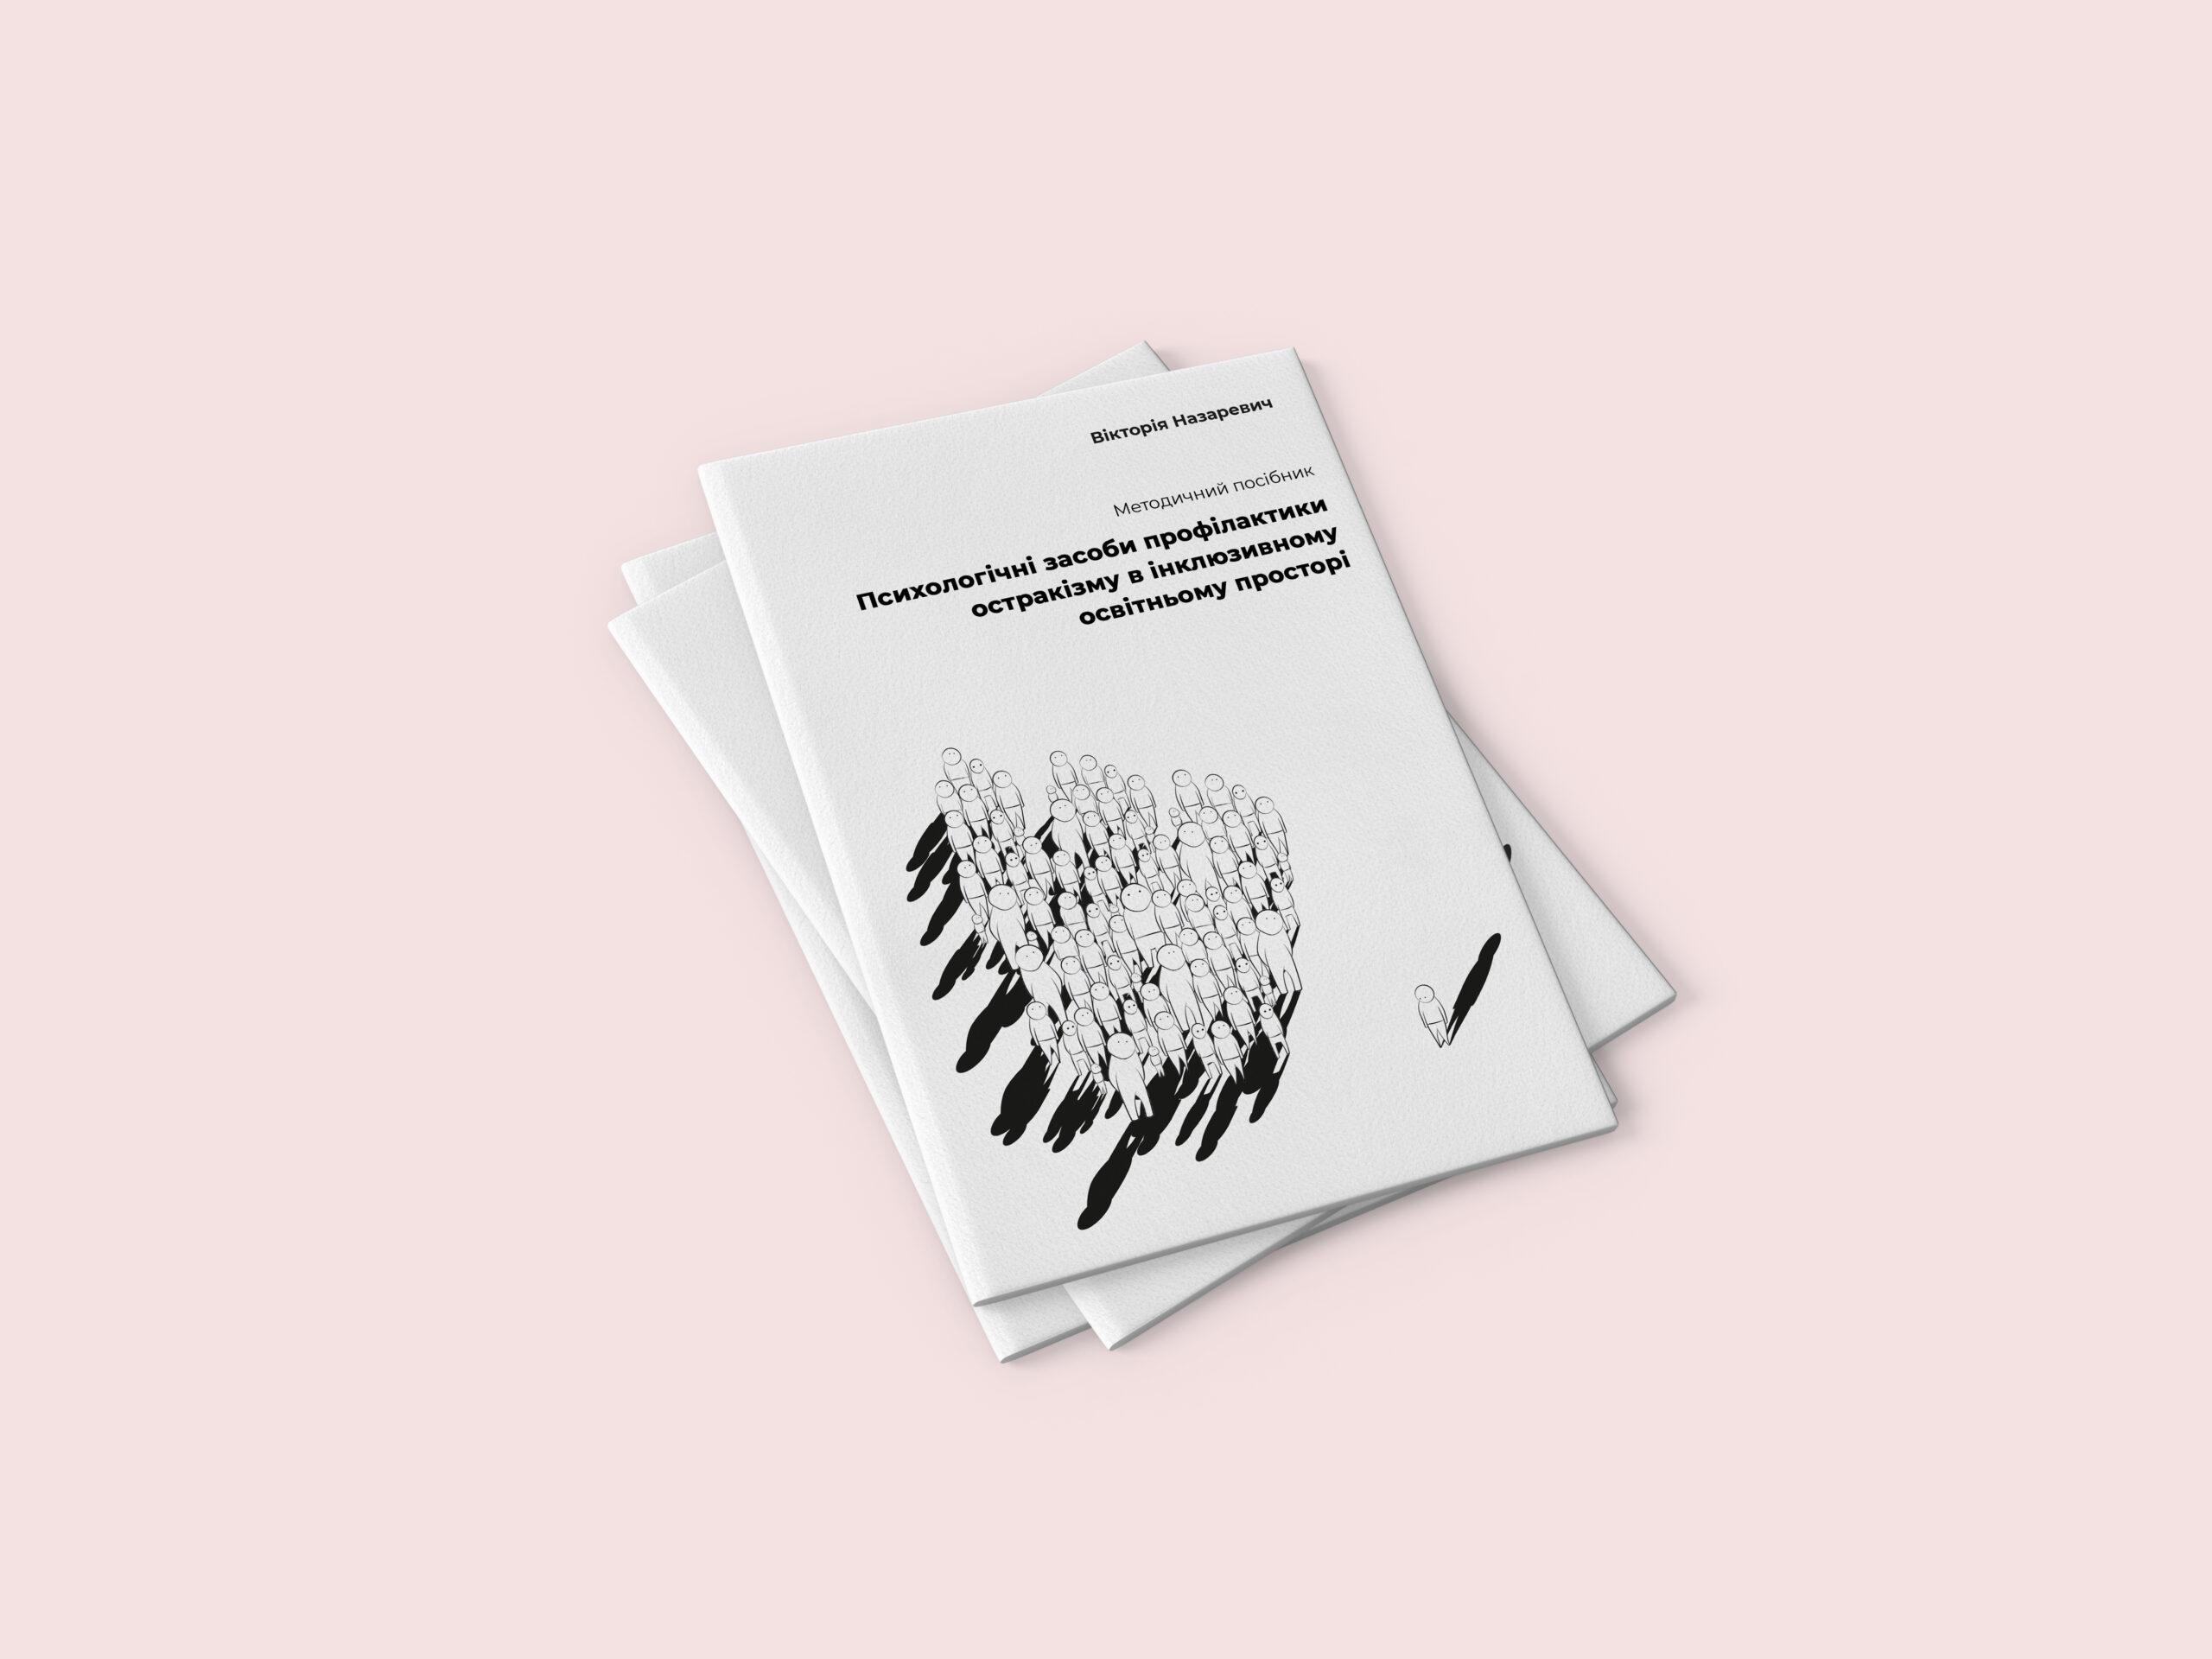 """Методичний посібник """"Психологічні засоби профілактики остракізму в інклюзивному освітньому просторі"""""""